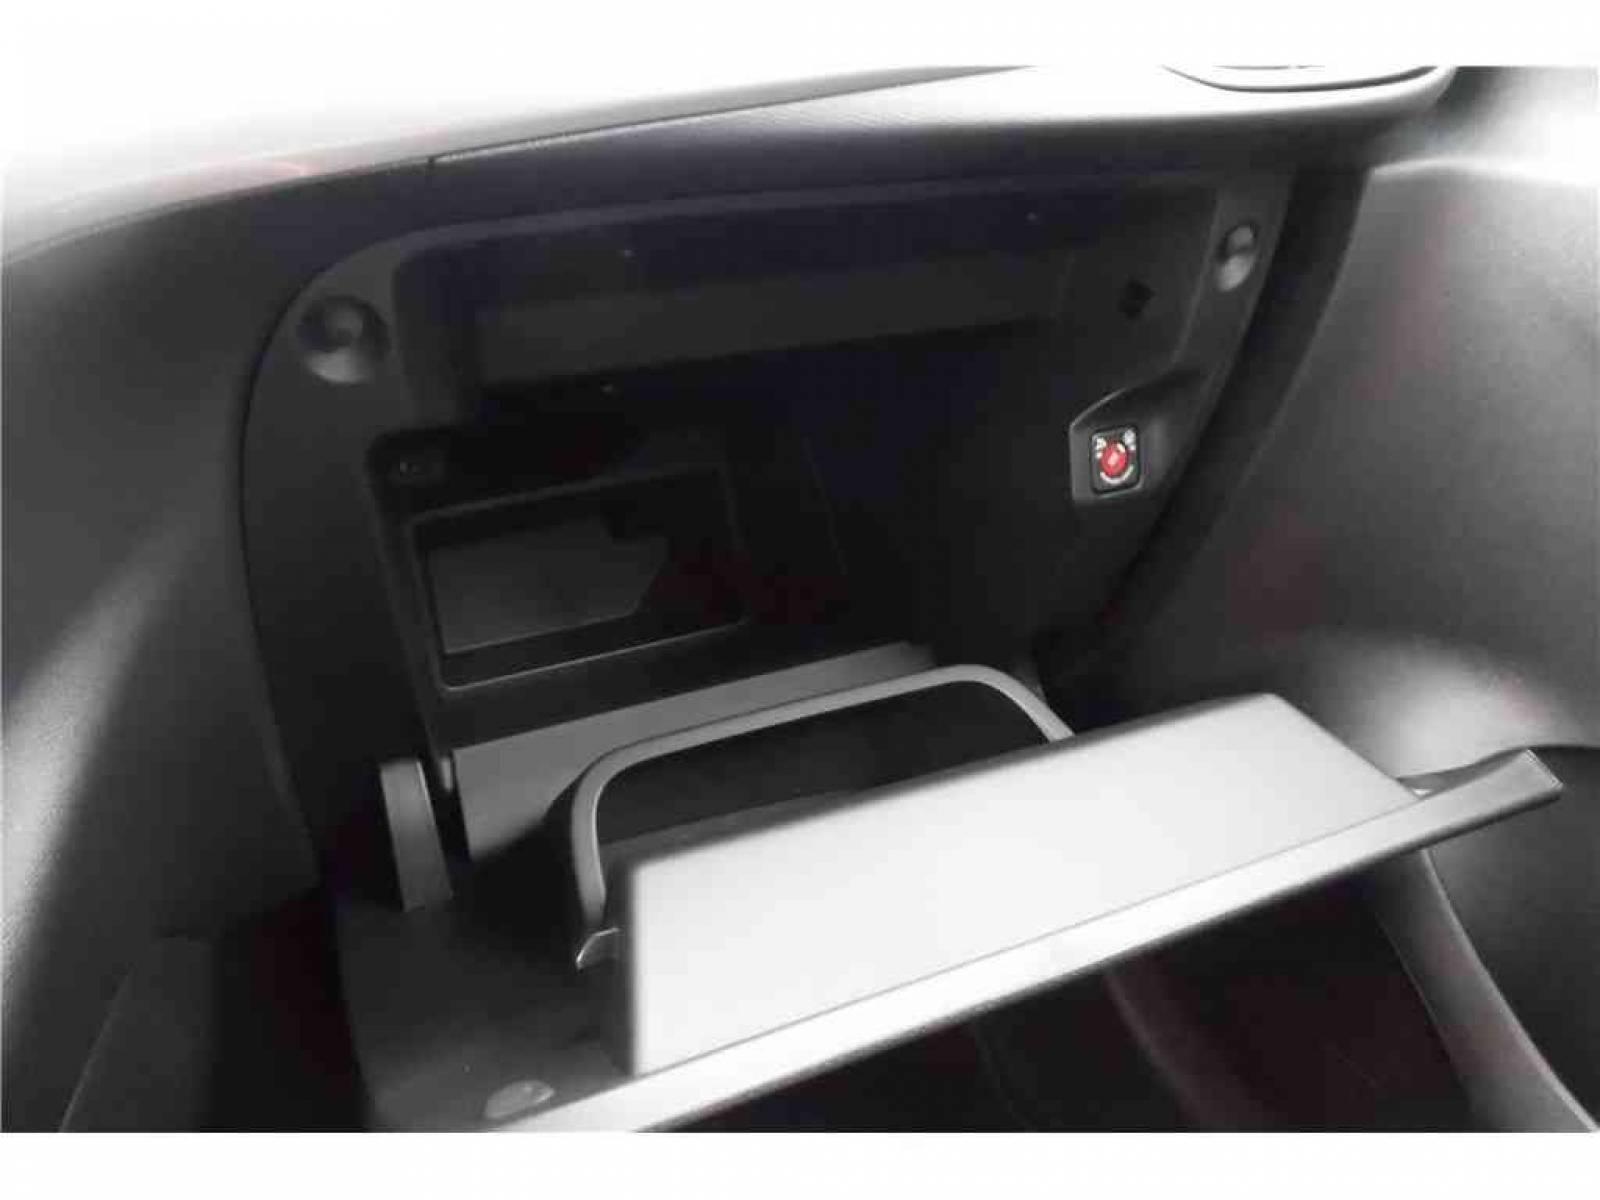 OPEL Corsa 1.2 Turbo 100 ch BVM6 - véhicule d'occasion - Groupe Guillet - Chalon Automobiles - 71100 - Chalon-sur-Saône - 2